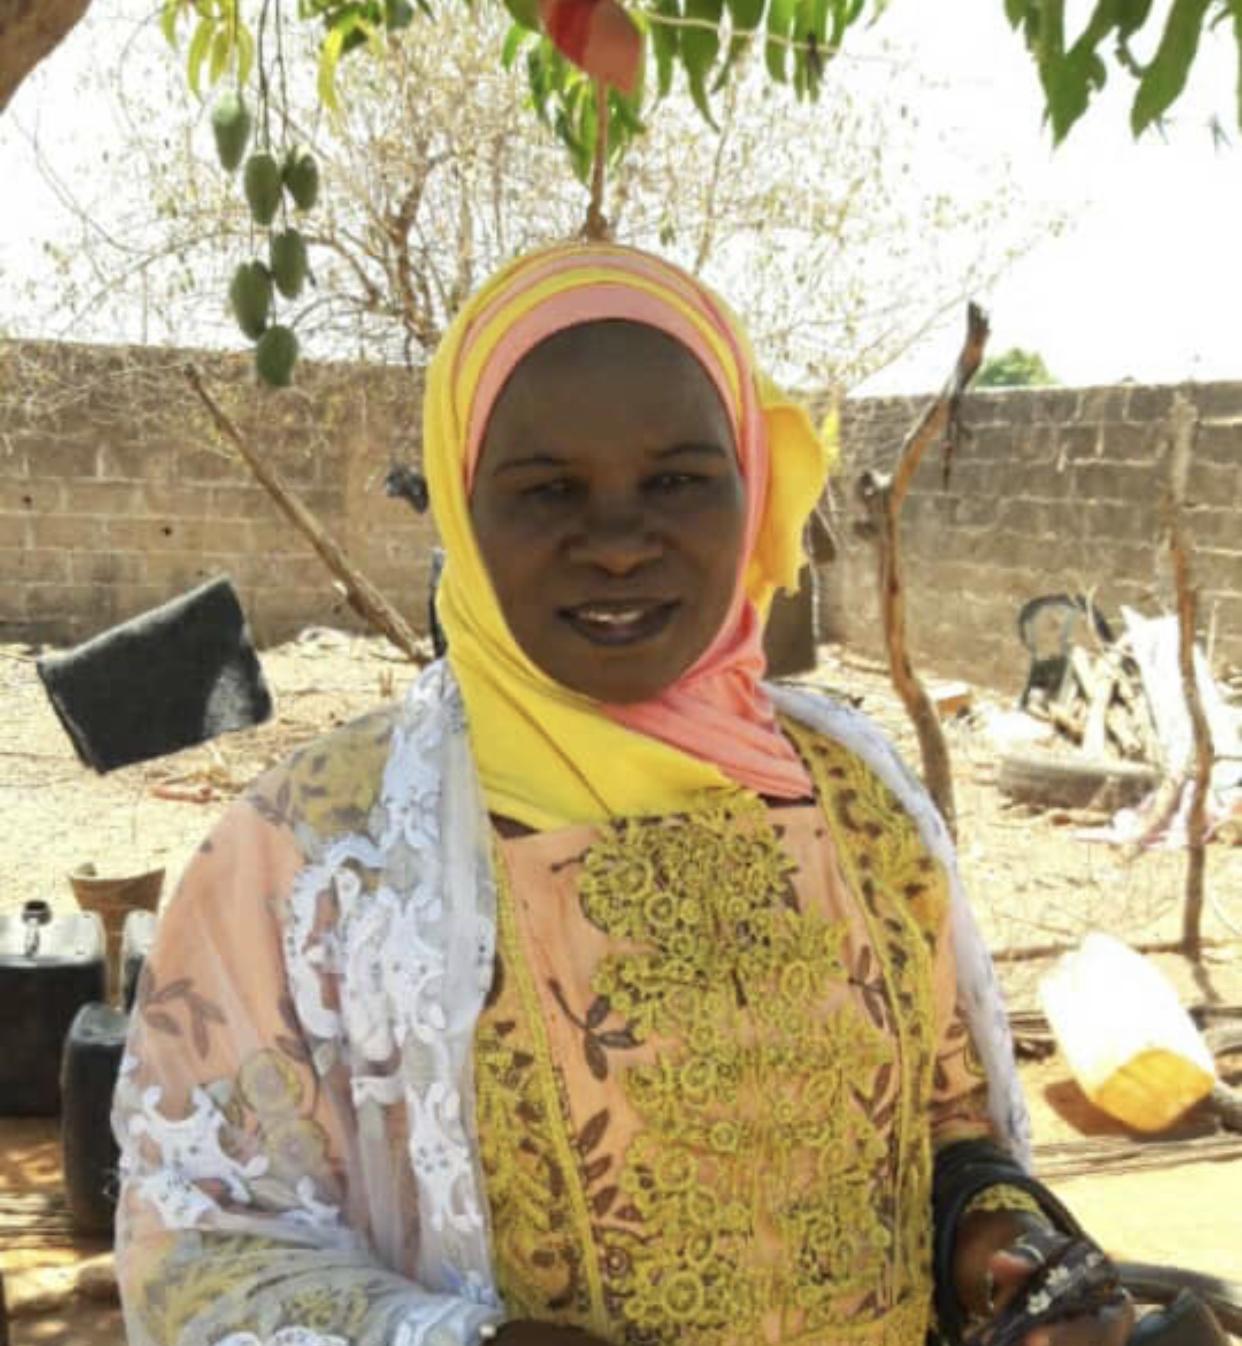 Nioro / Réseau des enseignants apéristes : Les femmes visent le poste de numéro 2